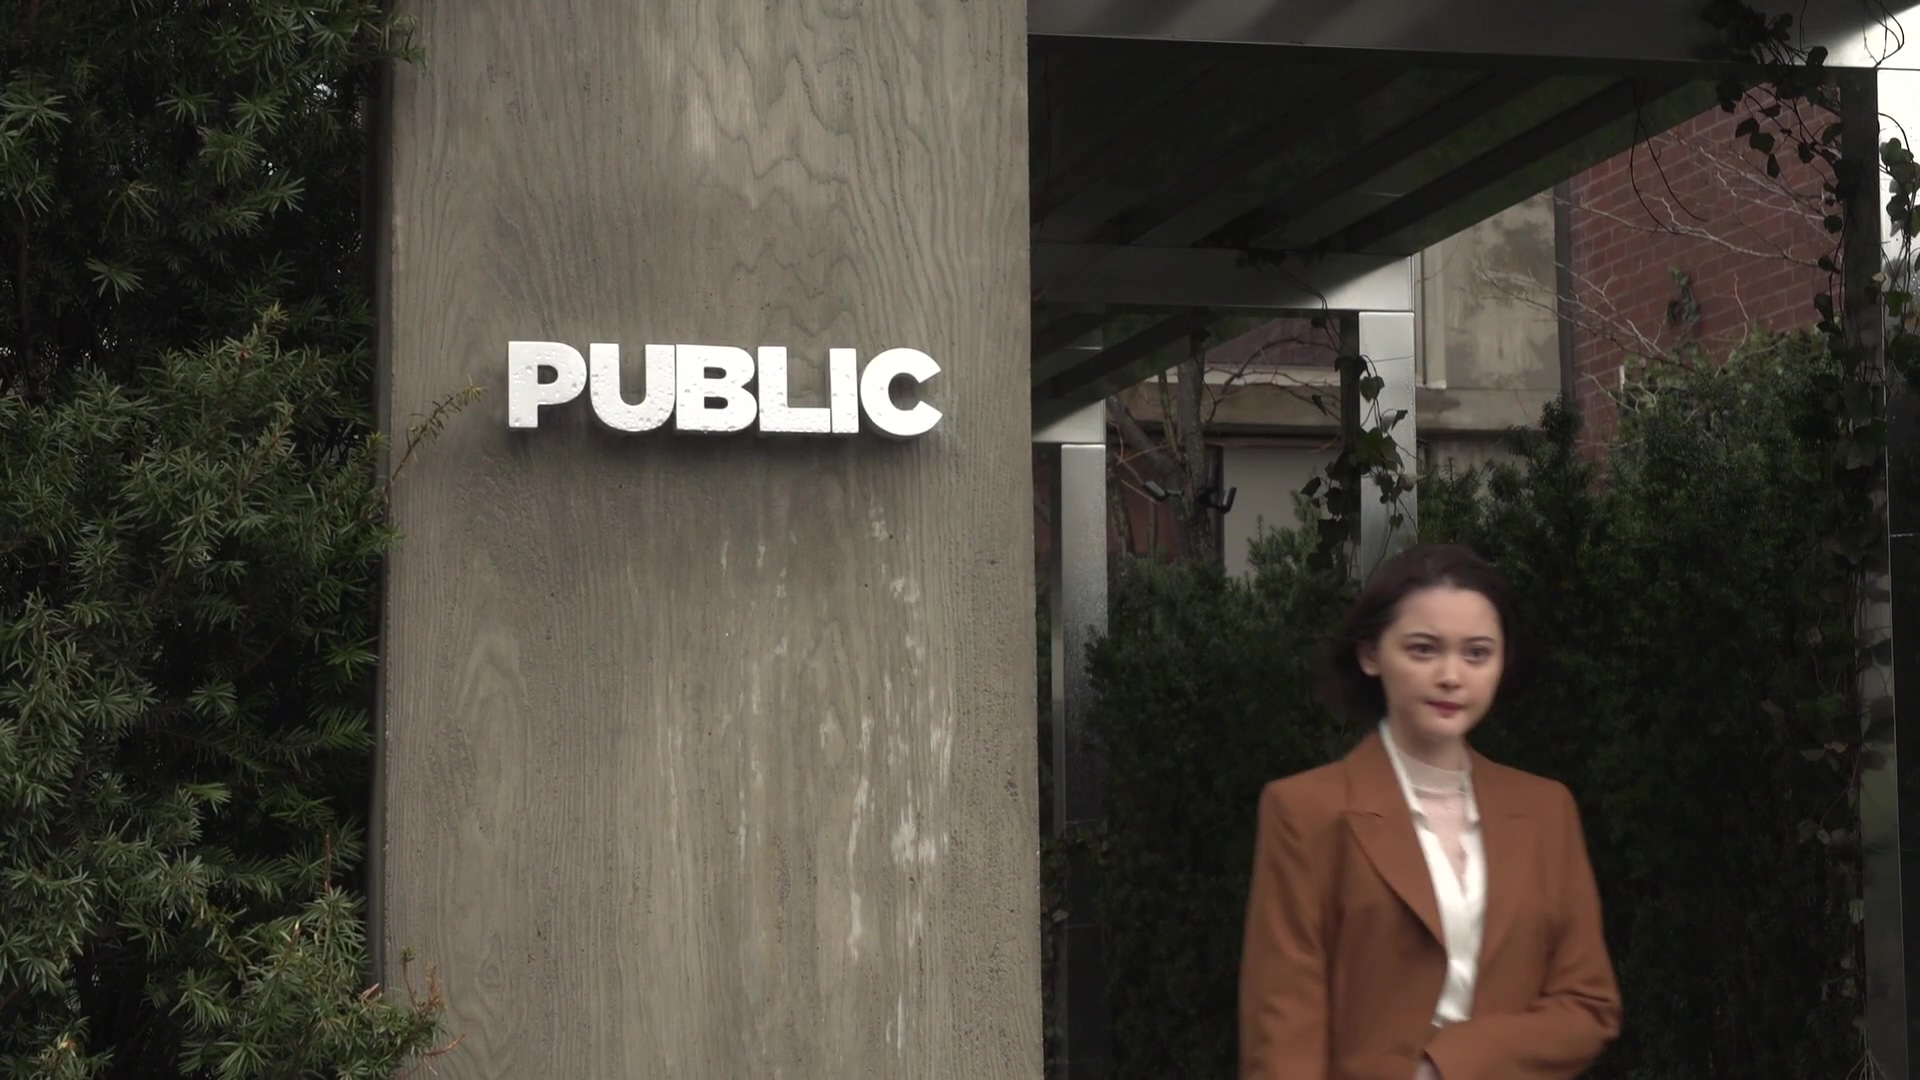 PublicFinal52919 v8